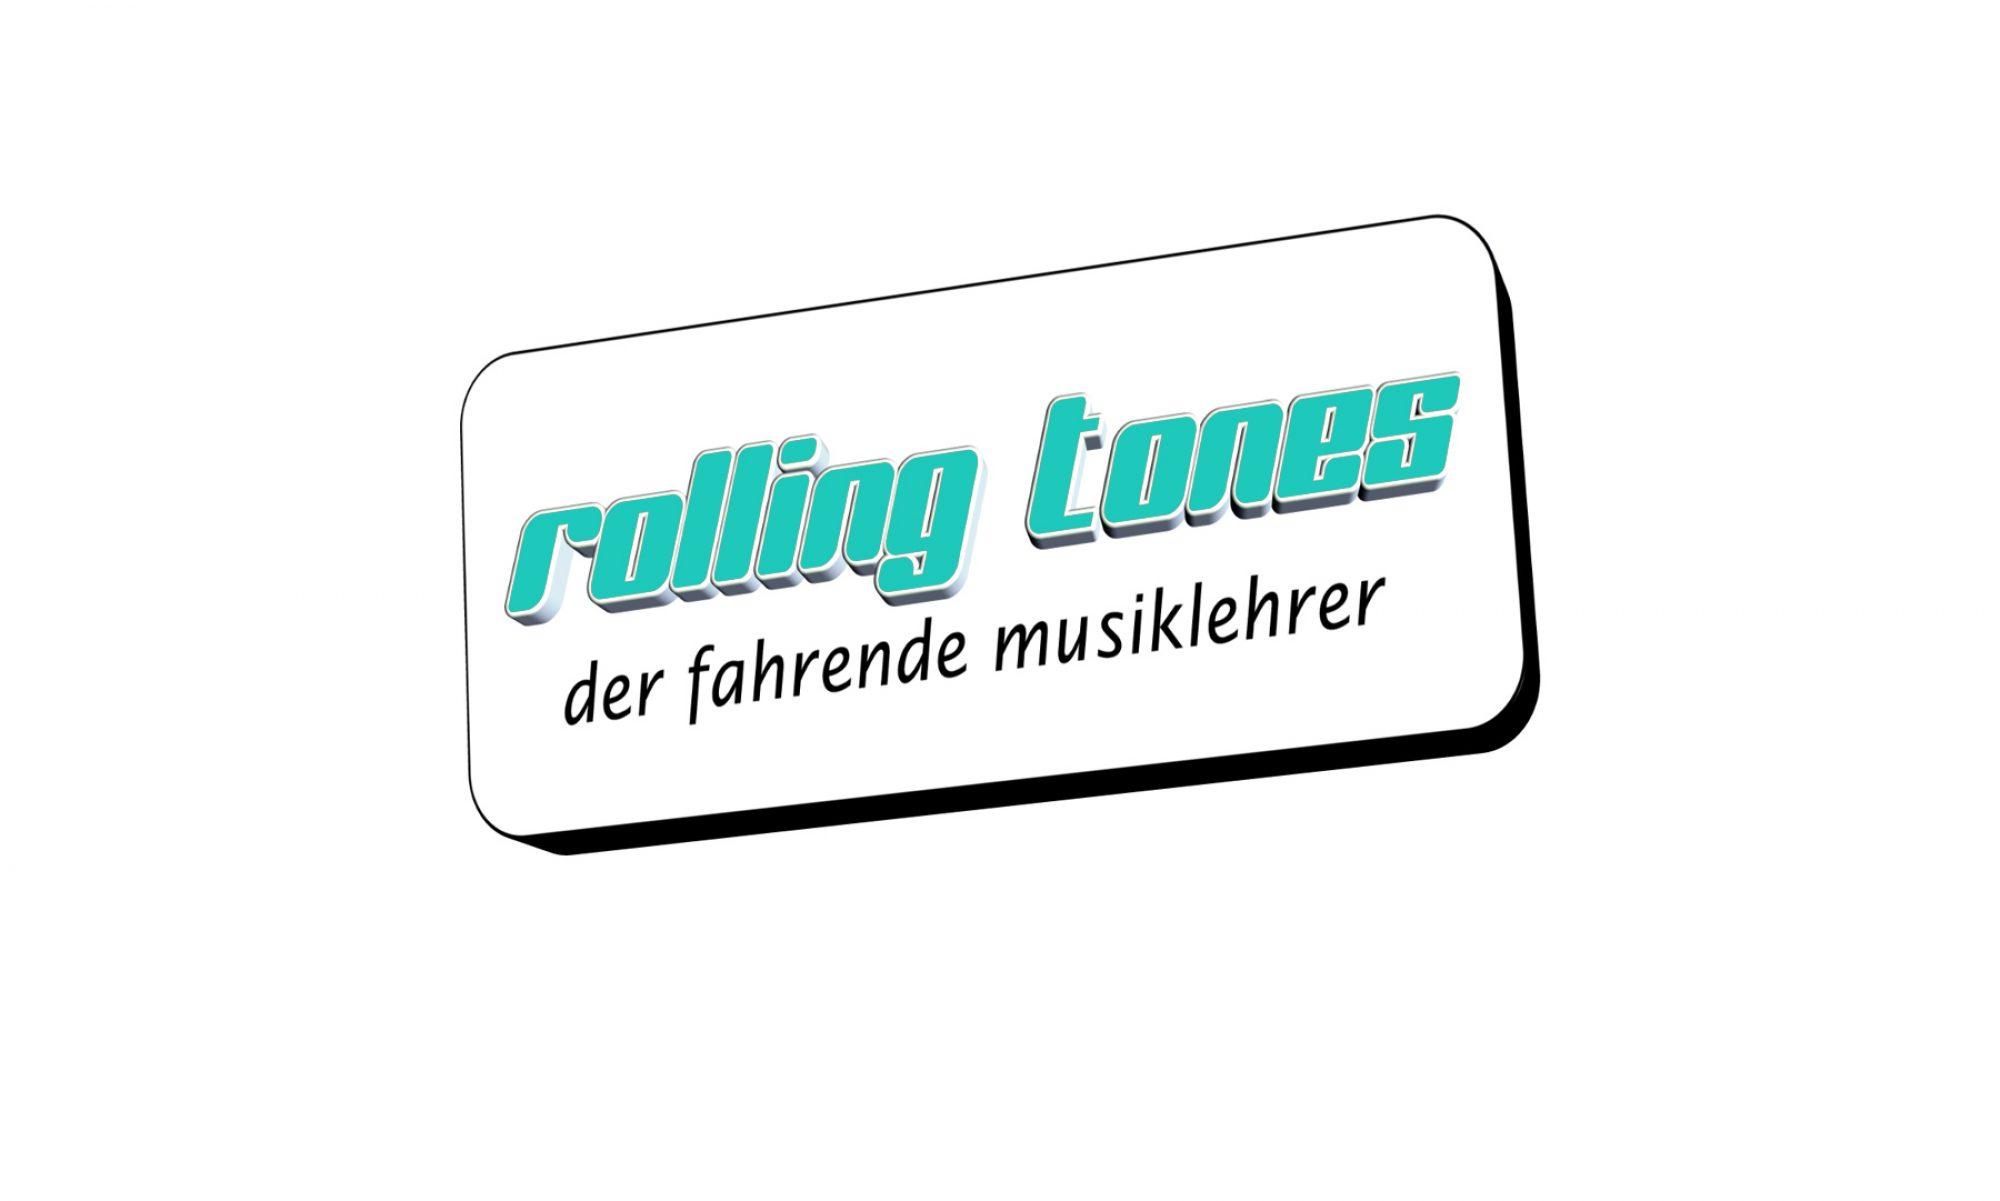 Rolling Tones - der fahrende Musiklehrer